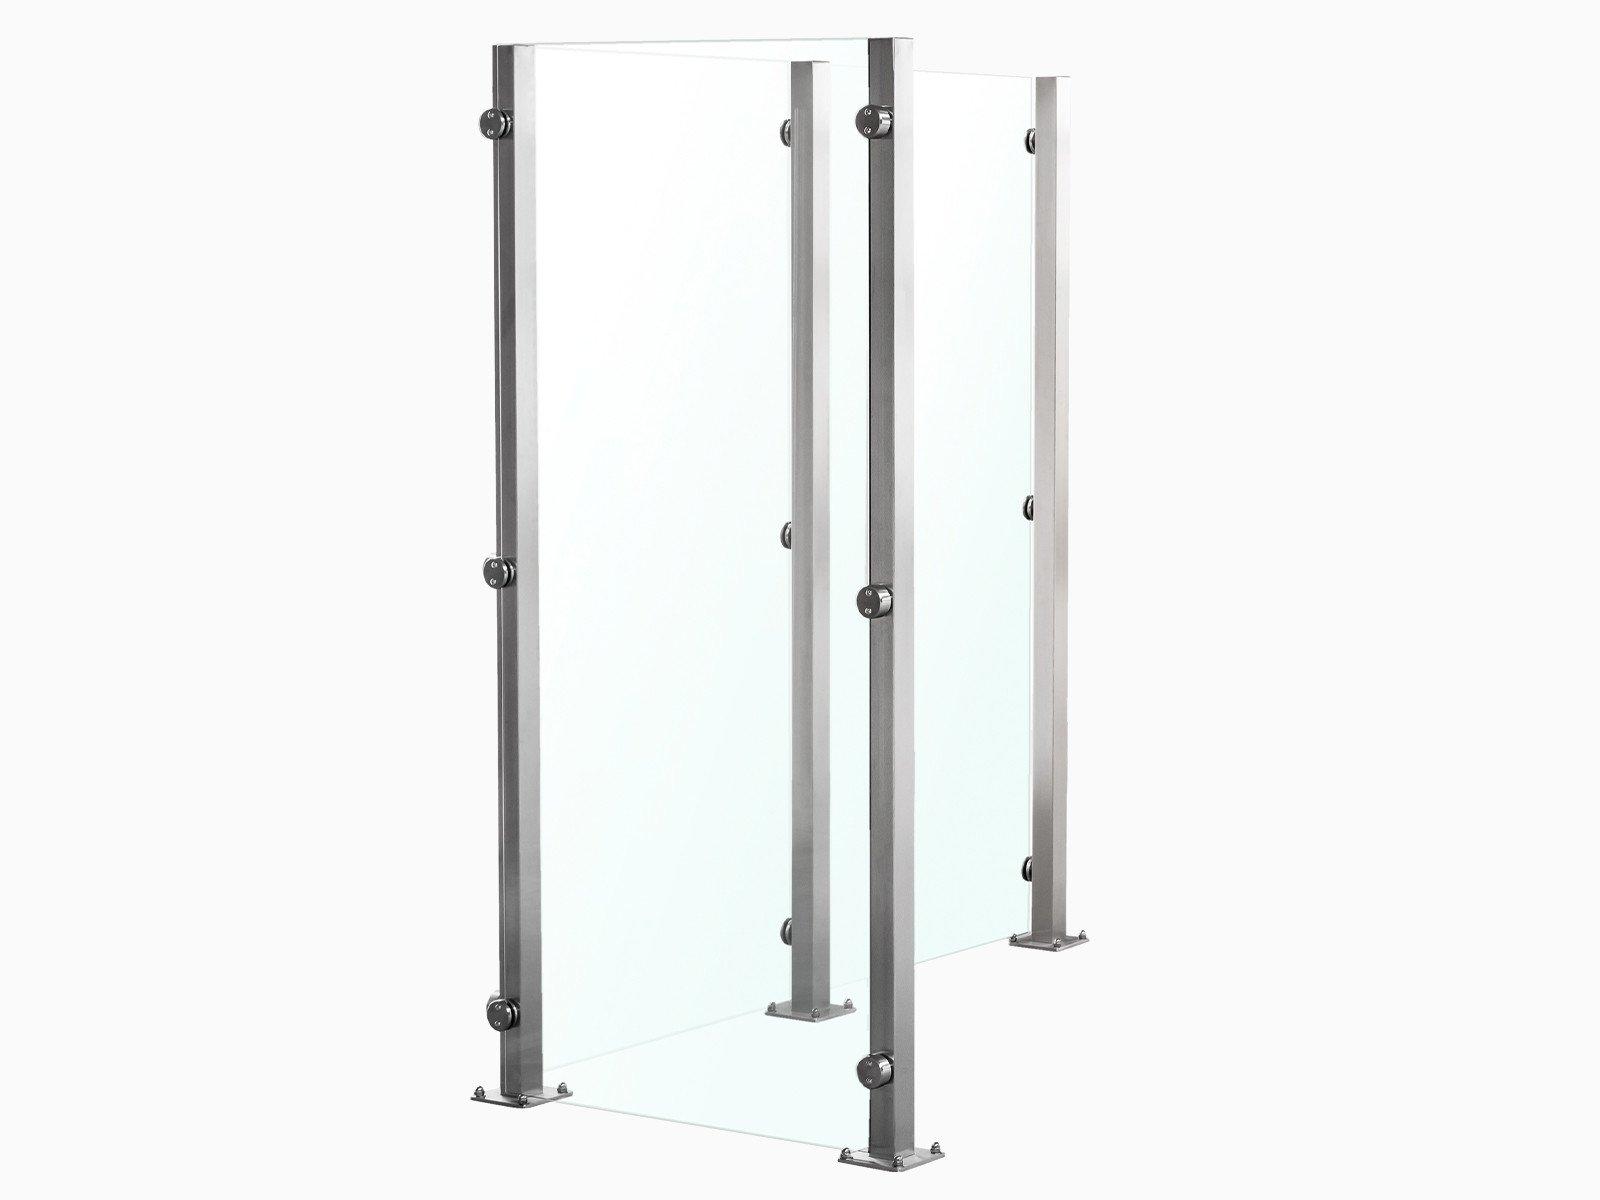 Wind- und blickdichtes Glaszaunsystem Devitro mit cleaner Optik durch Rückseitig befestigste Glasklemmen